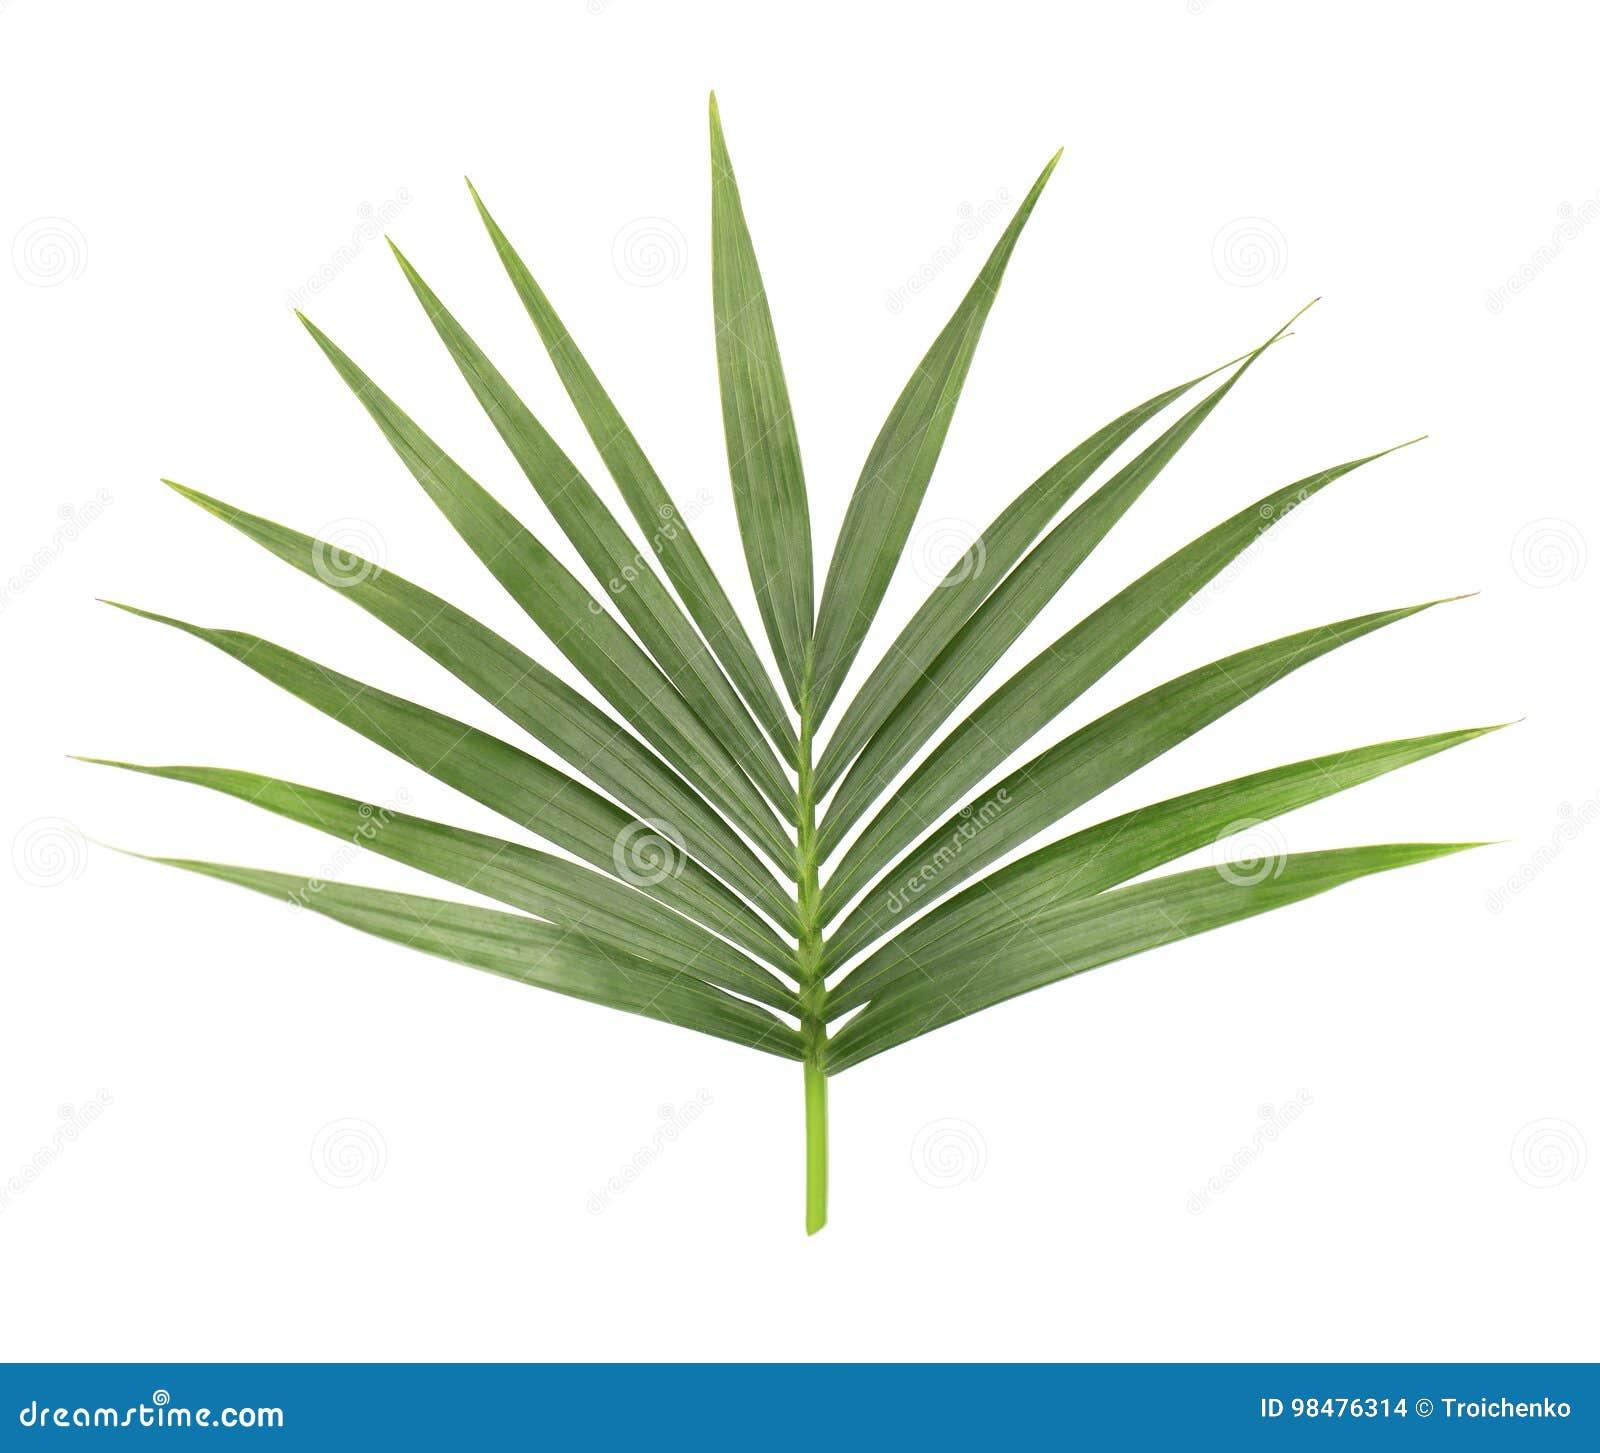 Palmblad dat op witte achtergrond wordt geïsoleerde Close-up van een tak van de kokospalm Groen tropisch blad